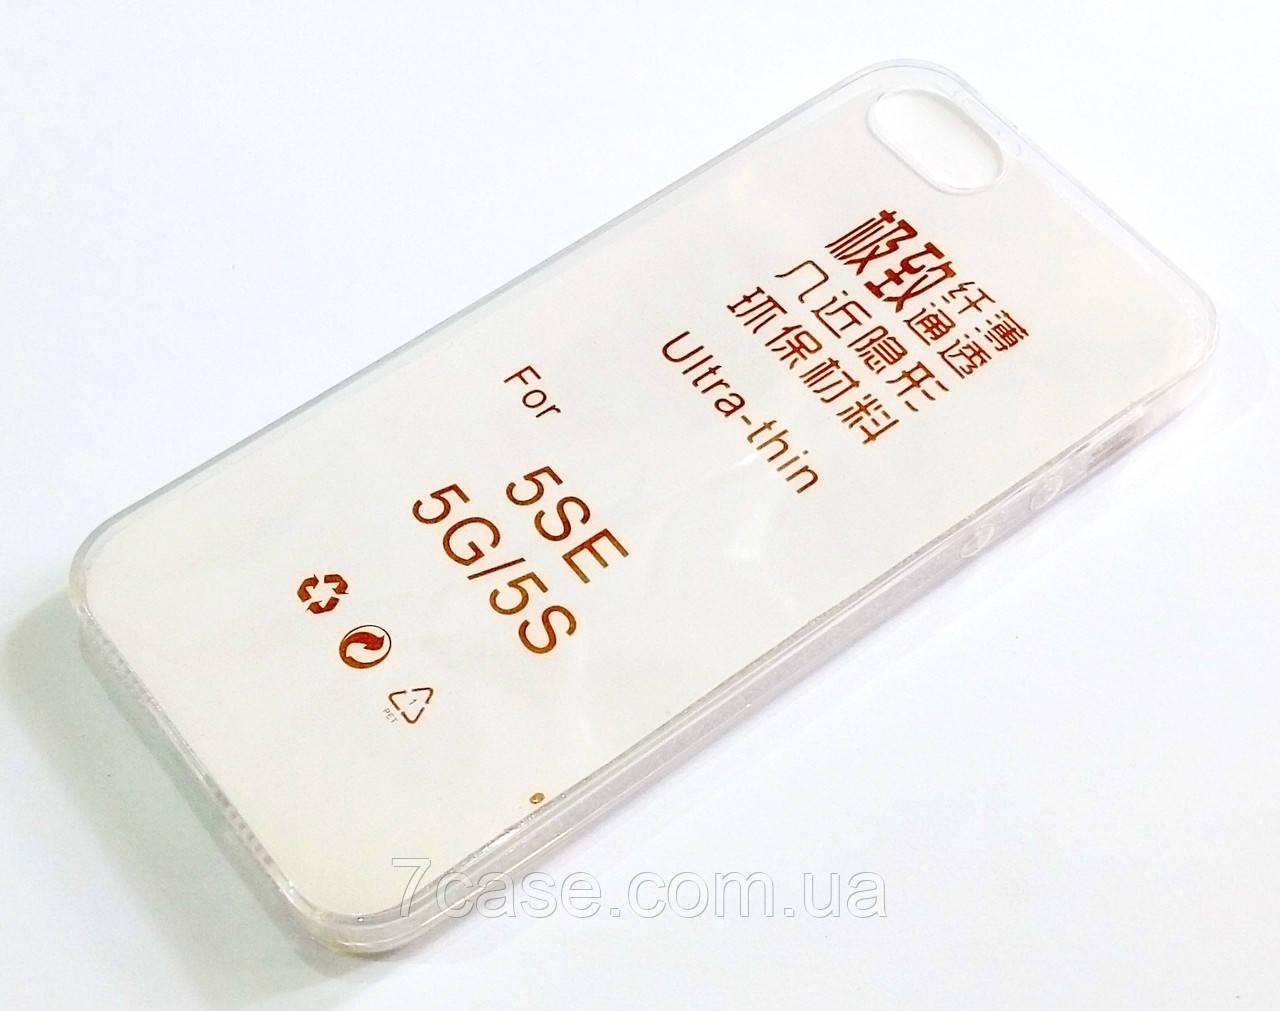 Чохол для iPhone 5 / 5s / SE силіконовий ультратонкий прозорий